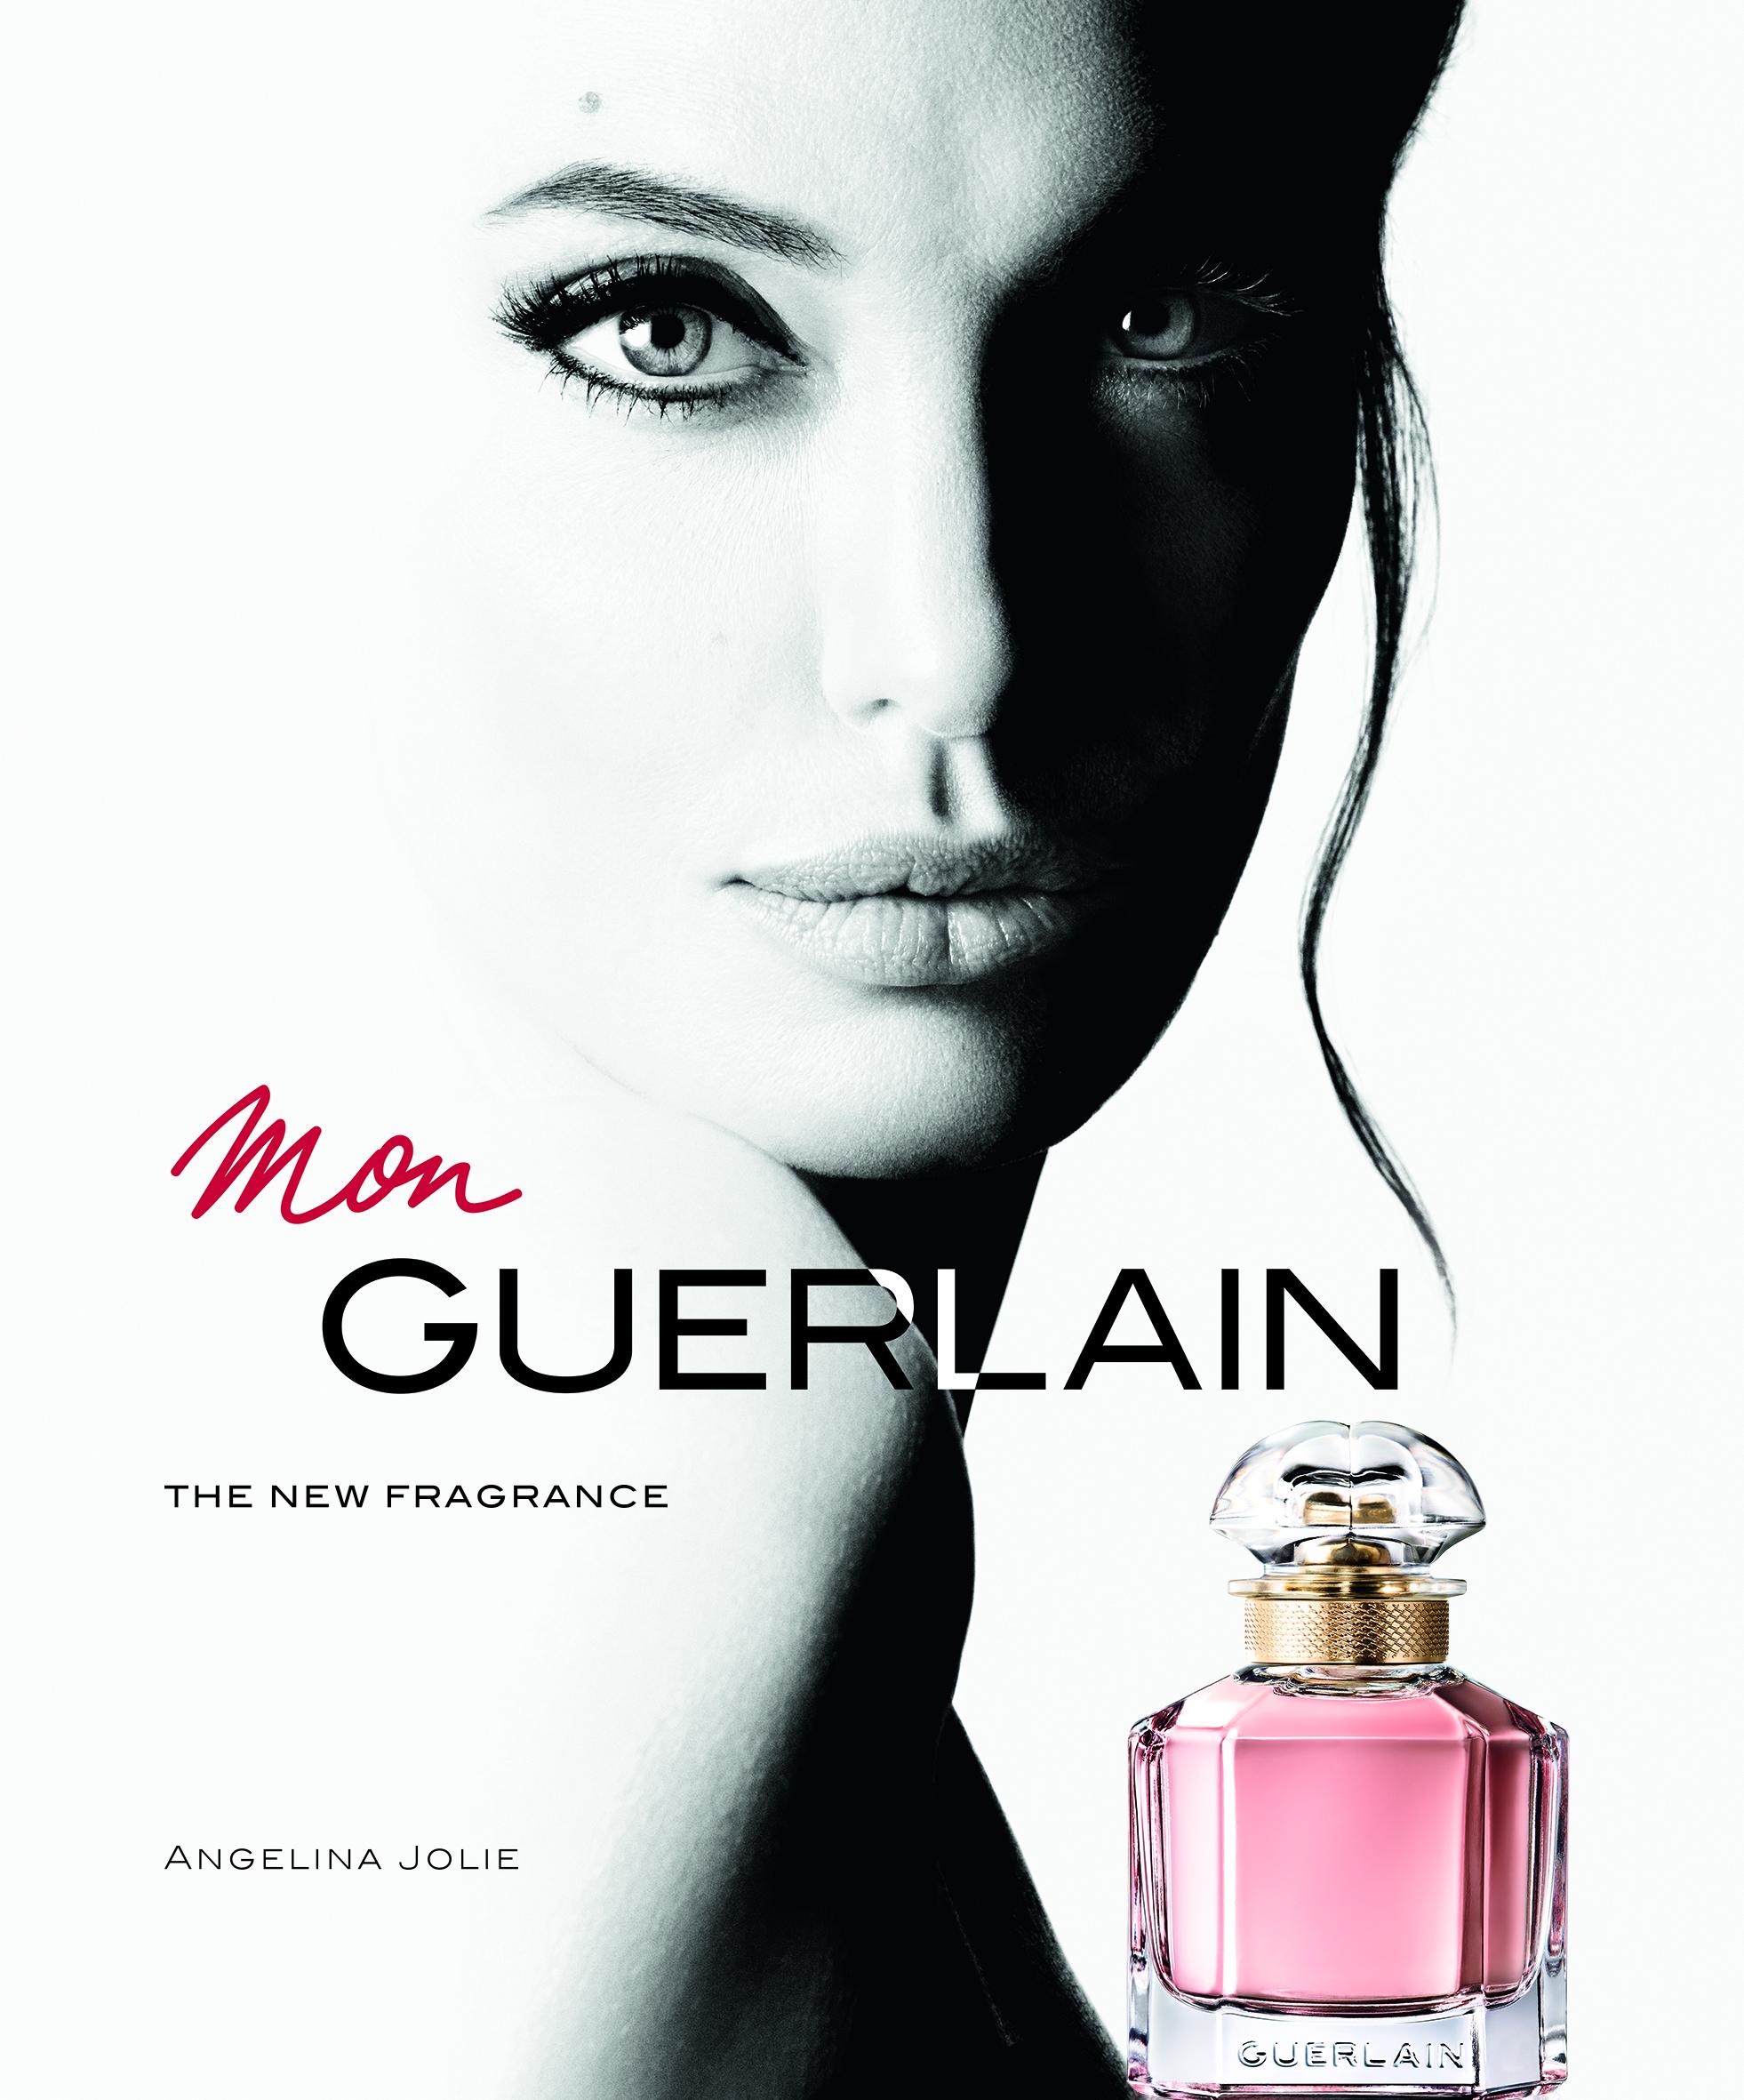 Новый аромат Guerlain для женщин – гимн современной женственности.